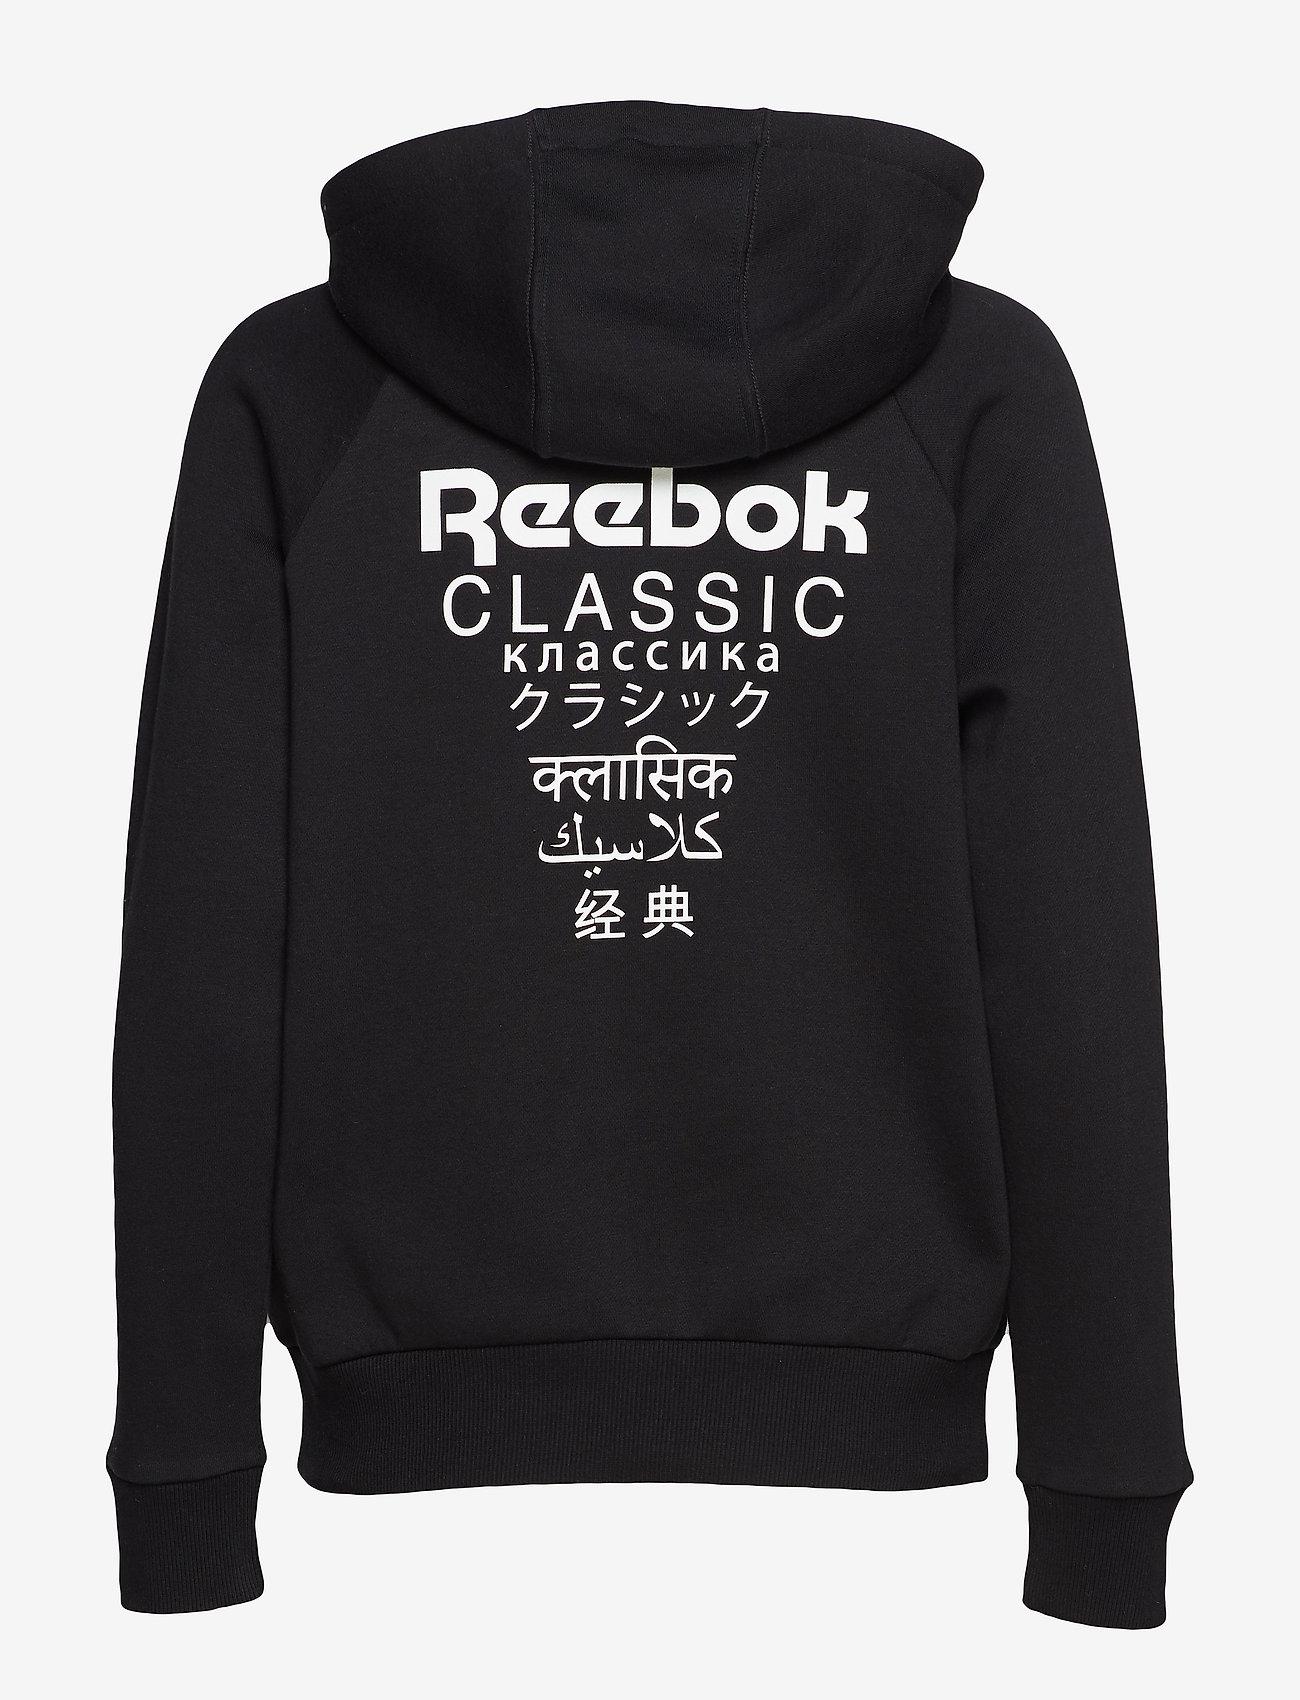 Reebok Classic Gp Hoodie Hoodie